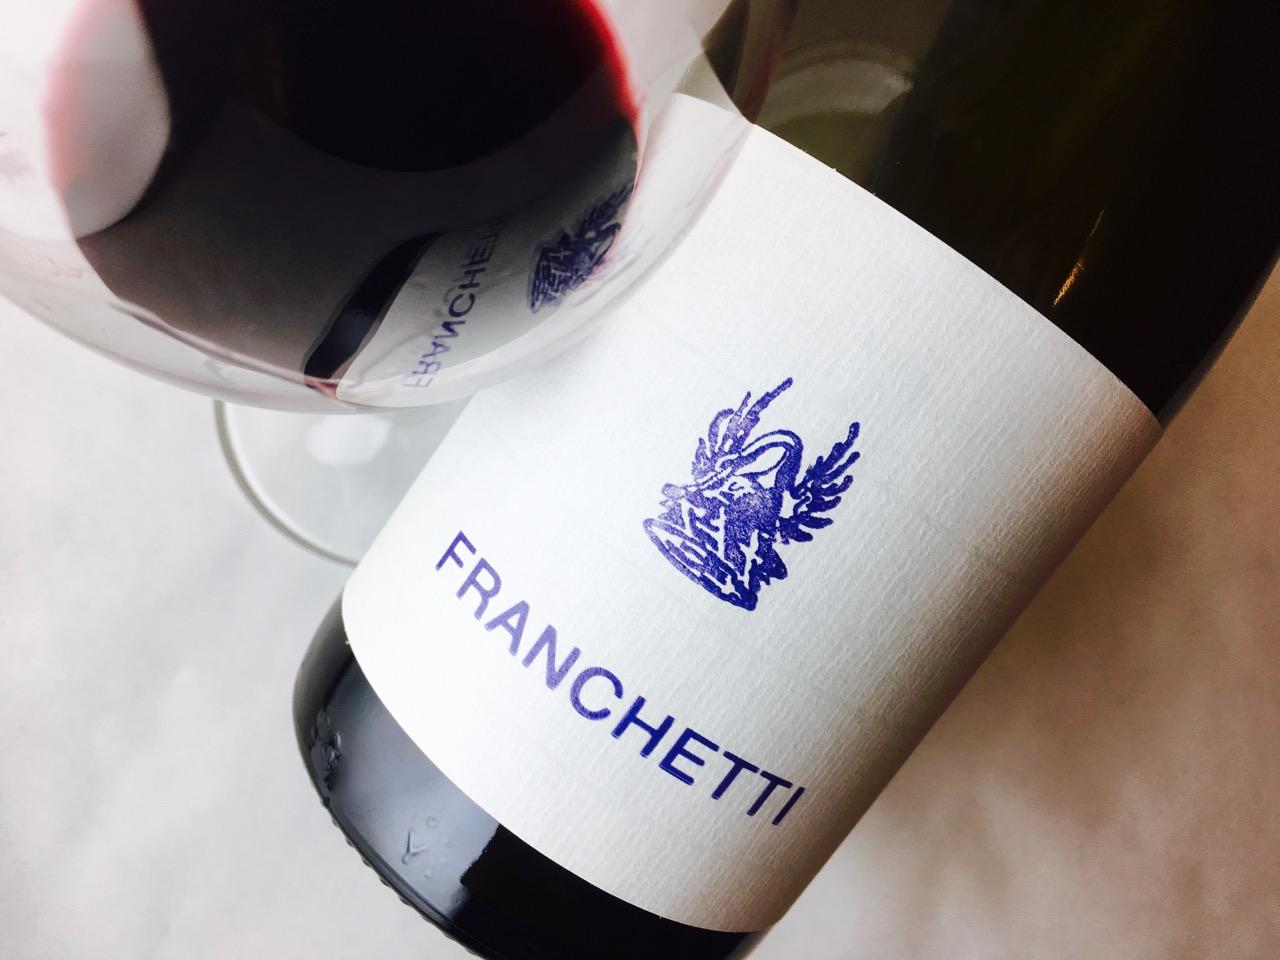 2014 Passopisciaro Franchetti Terre Siciliane